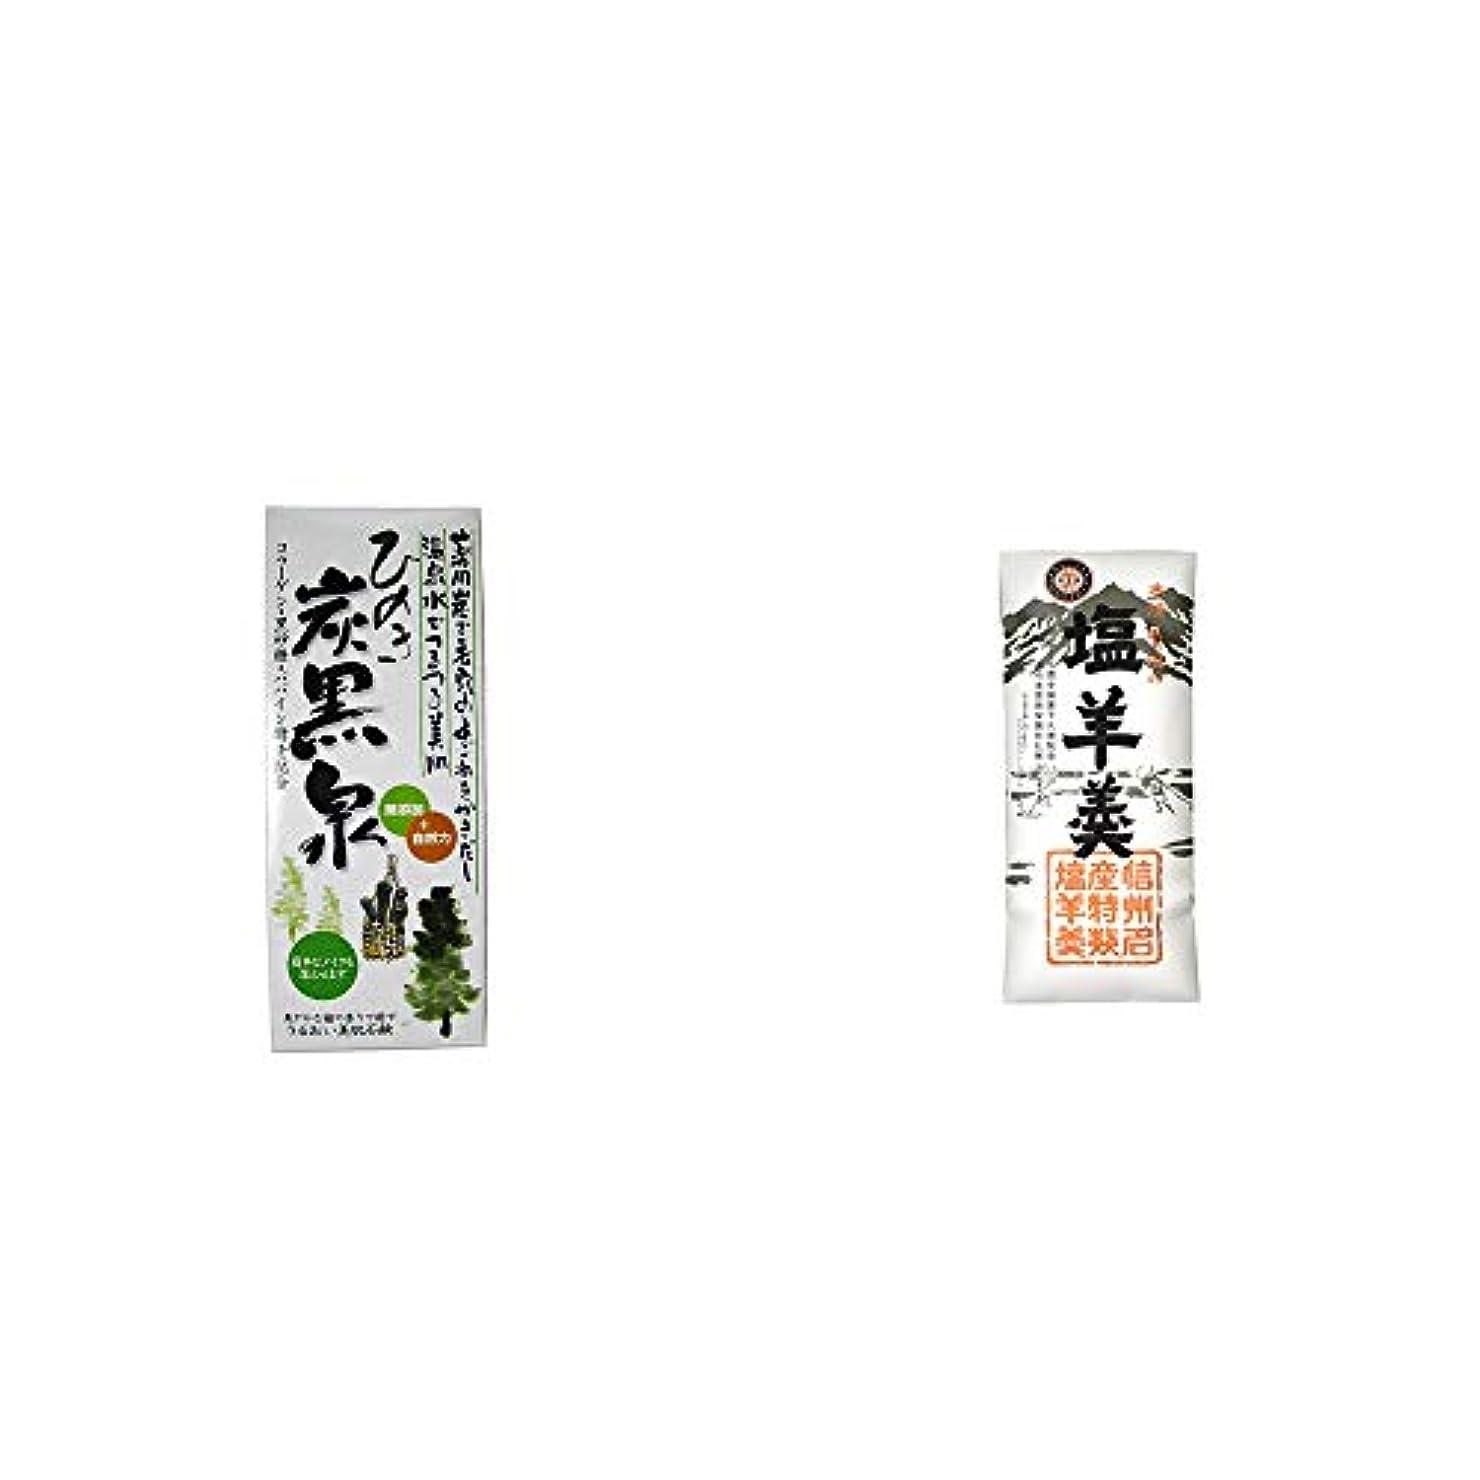 分離りんご比較[2点セット] ひのき炭黒泉 箱入り(75g×3)?栗田の塩羊羹(160g)